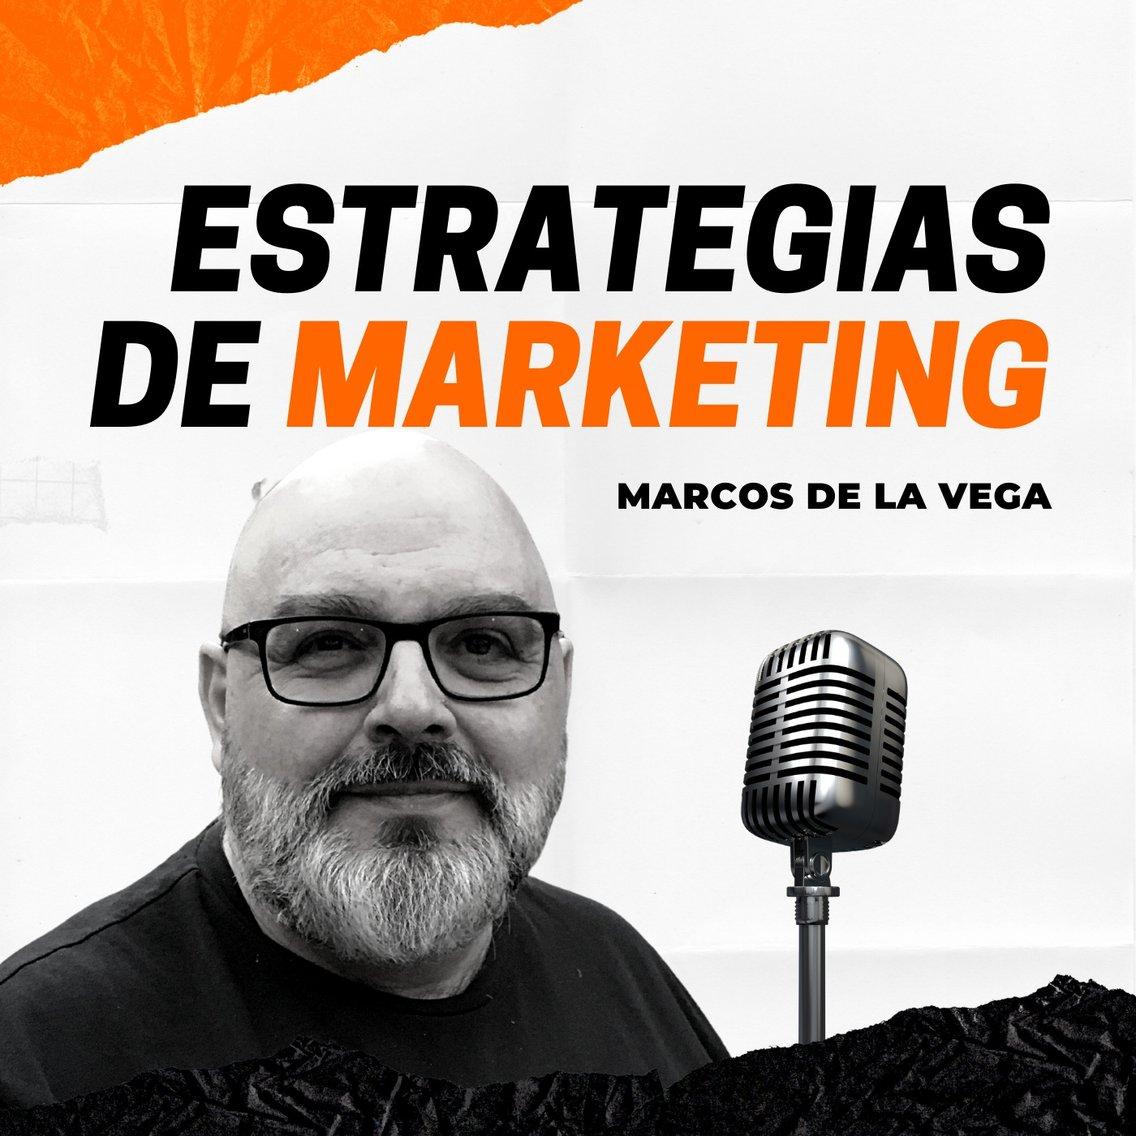 Estrategias de Marketing - Cover Image